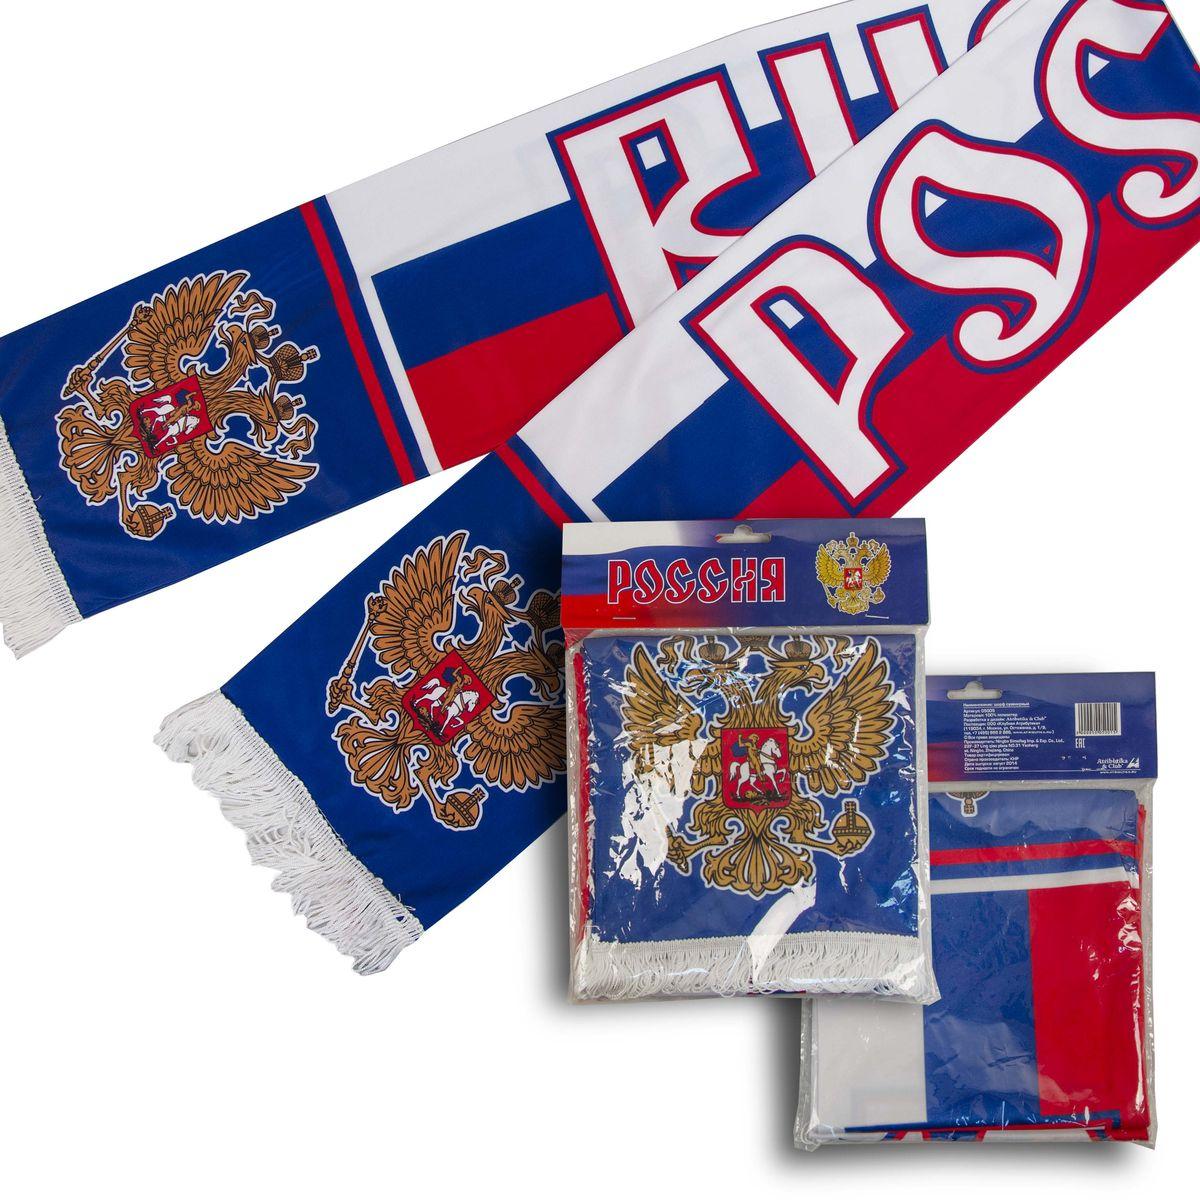 Шарф Россия, цвет: красный, синий, белый. 05005. Размер универсальный